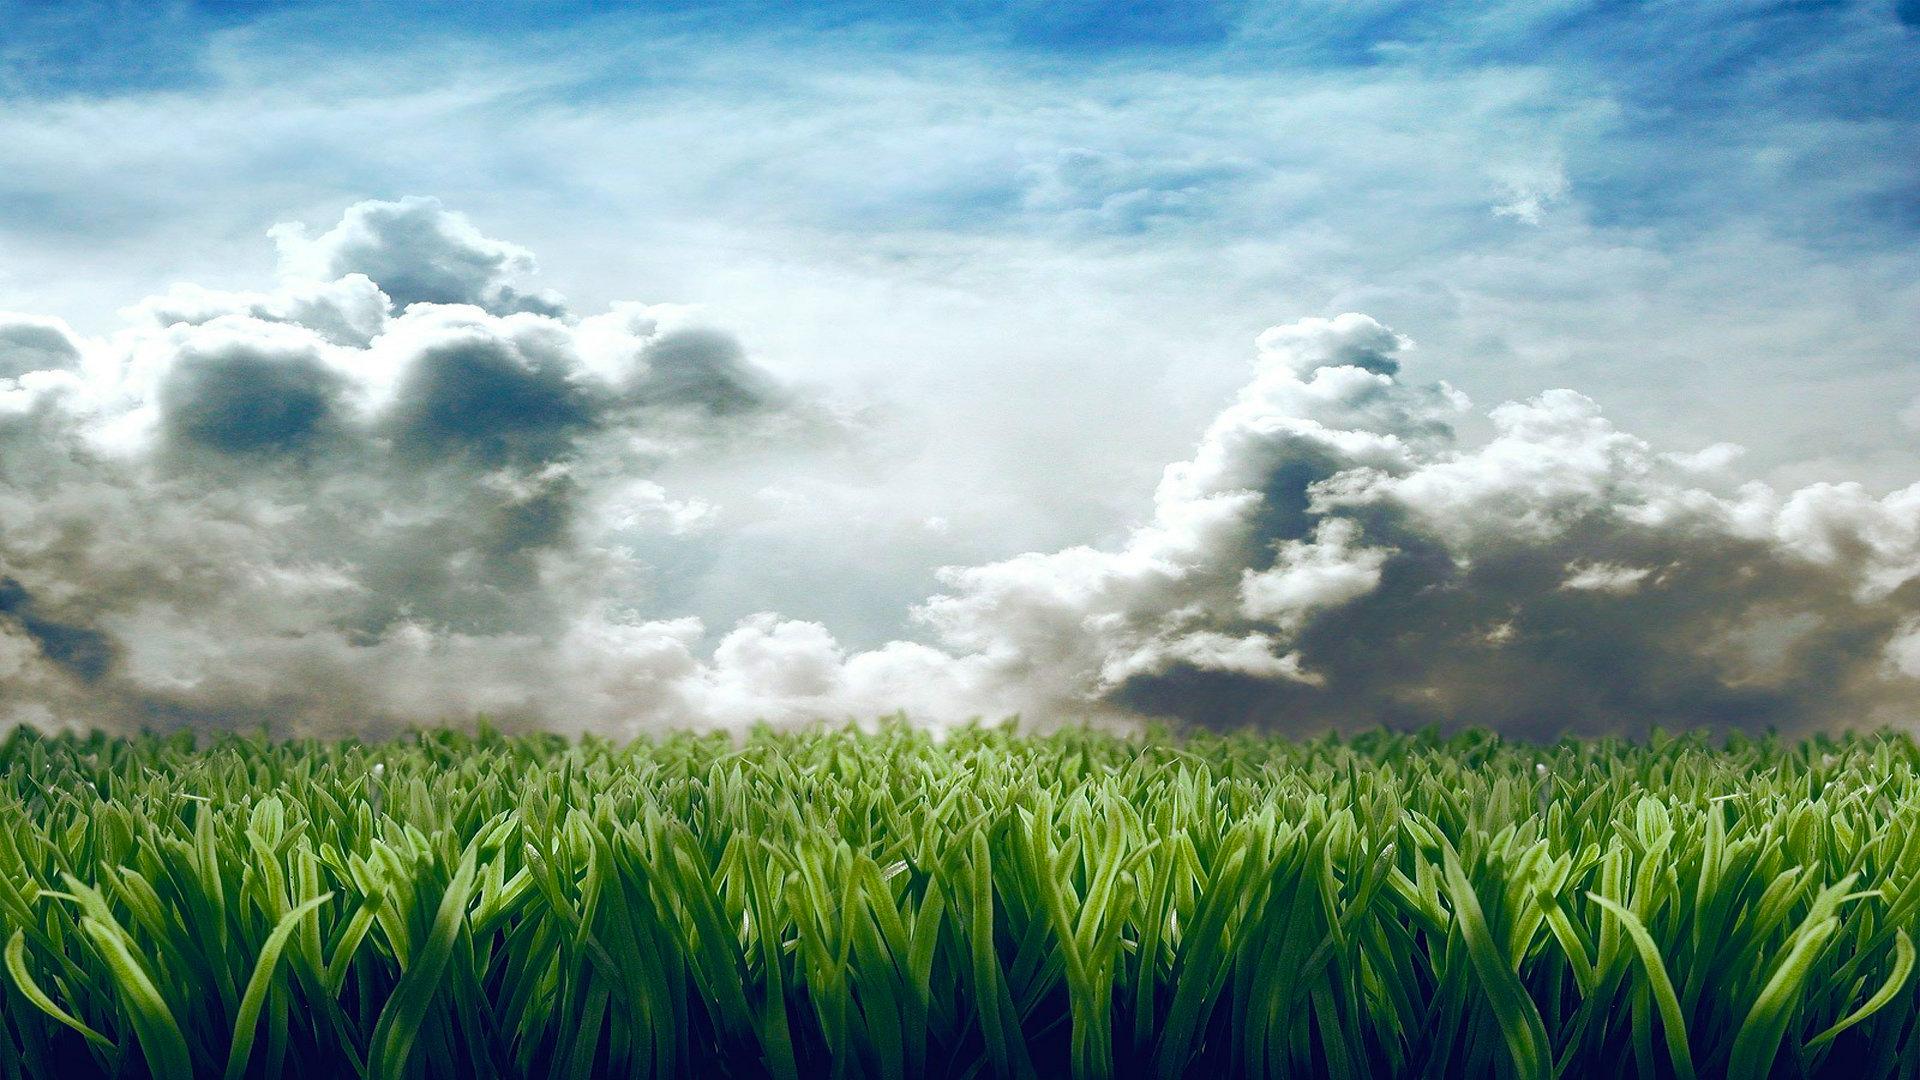 High Resolution Grass Full Hd 1080p Wallpaper Id 377855 For Desktop